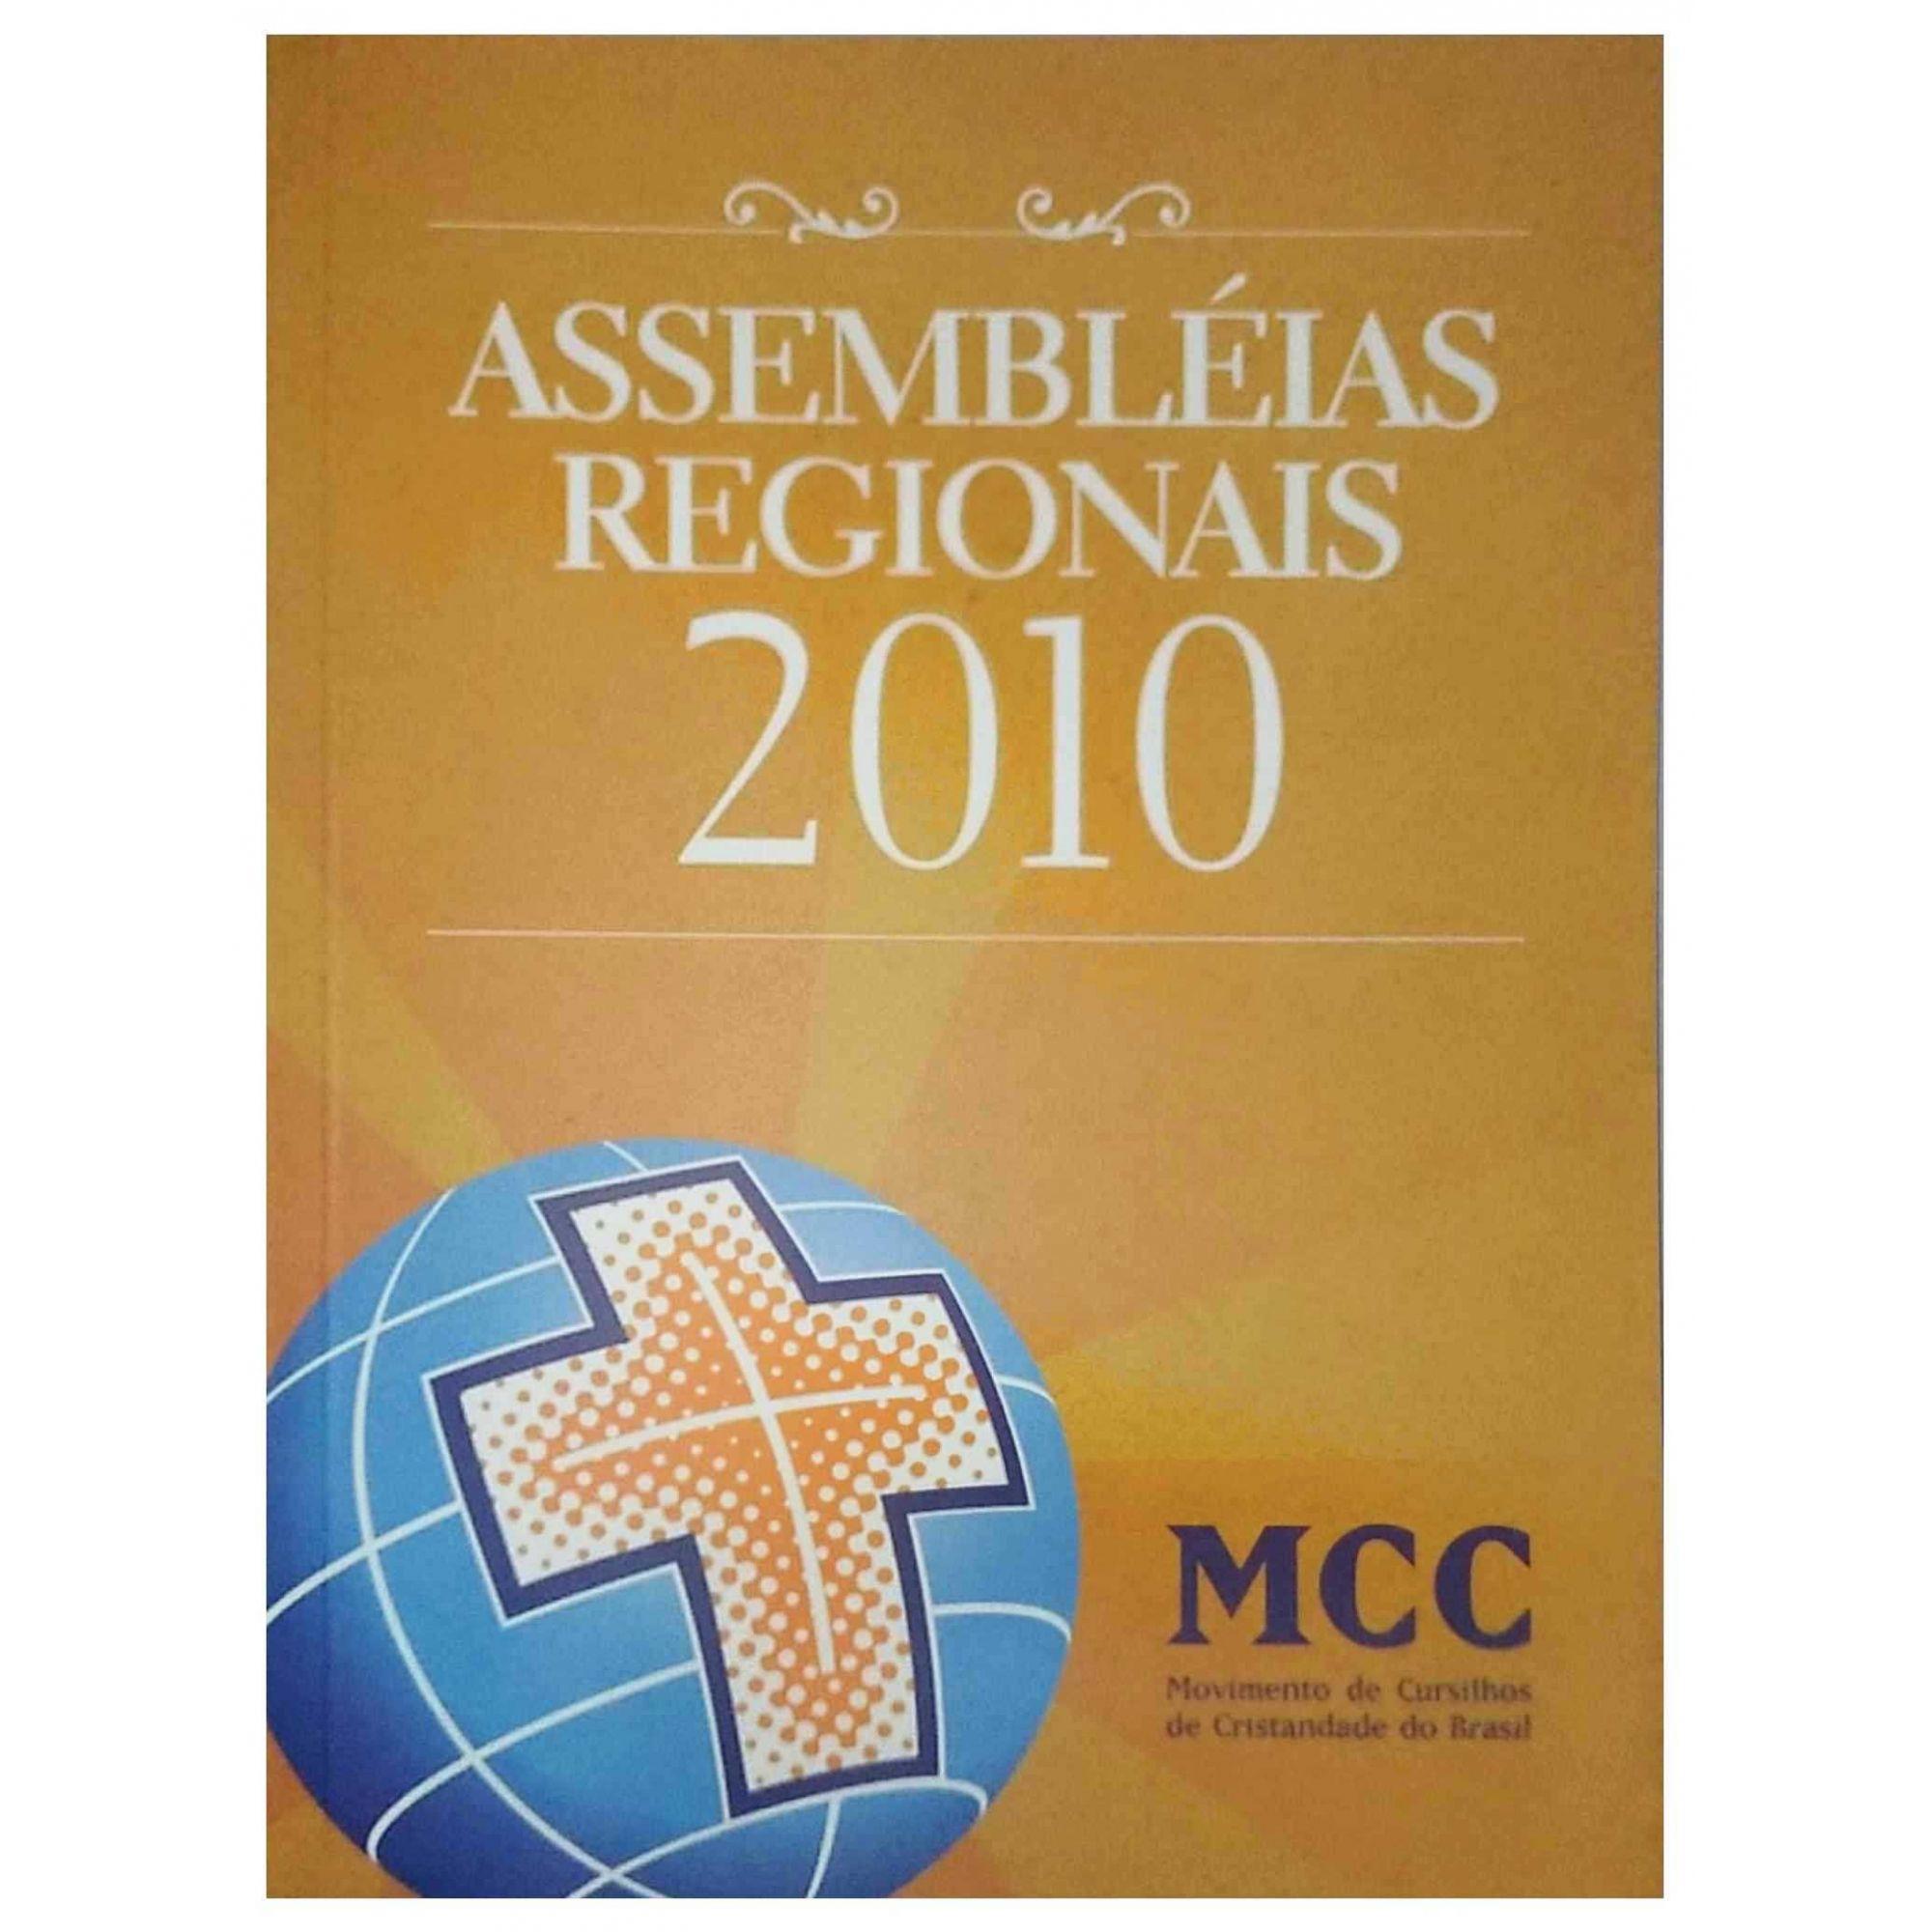 ASSEMBLEIAS REGIONAIS SUBSÍDIO AR. 2010  - Cursilho